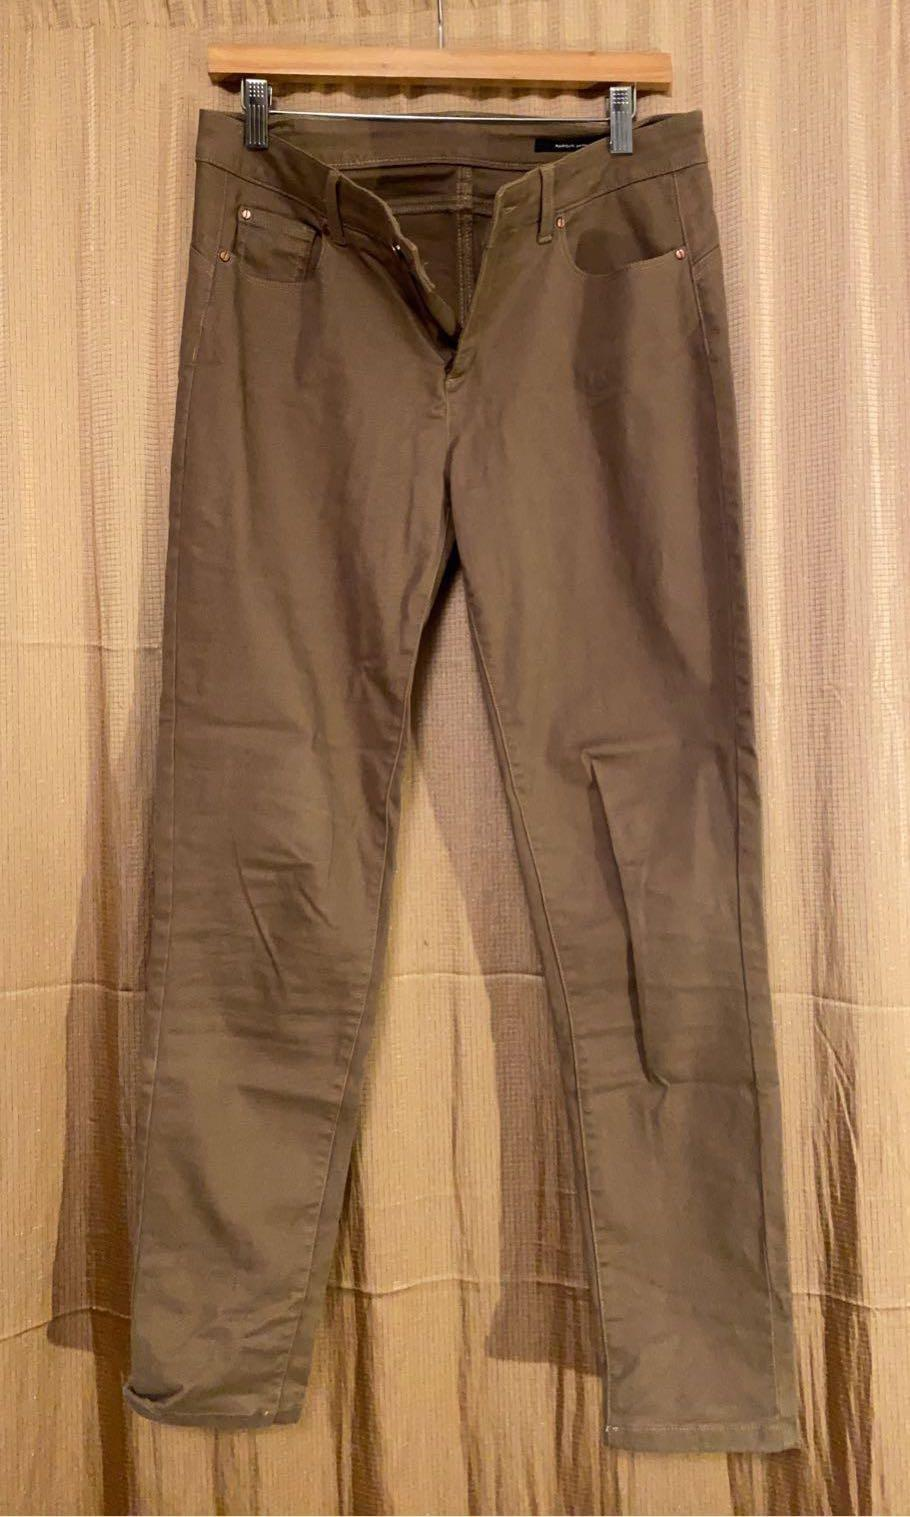 Jones New York Beige Brown Skinny Fit Pants